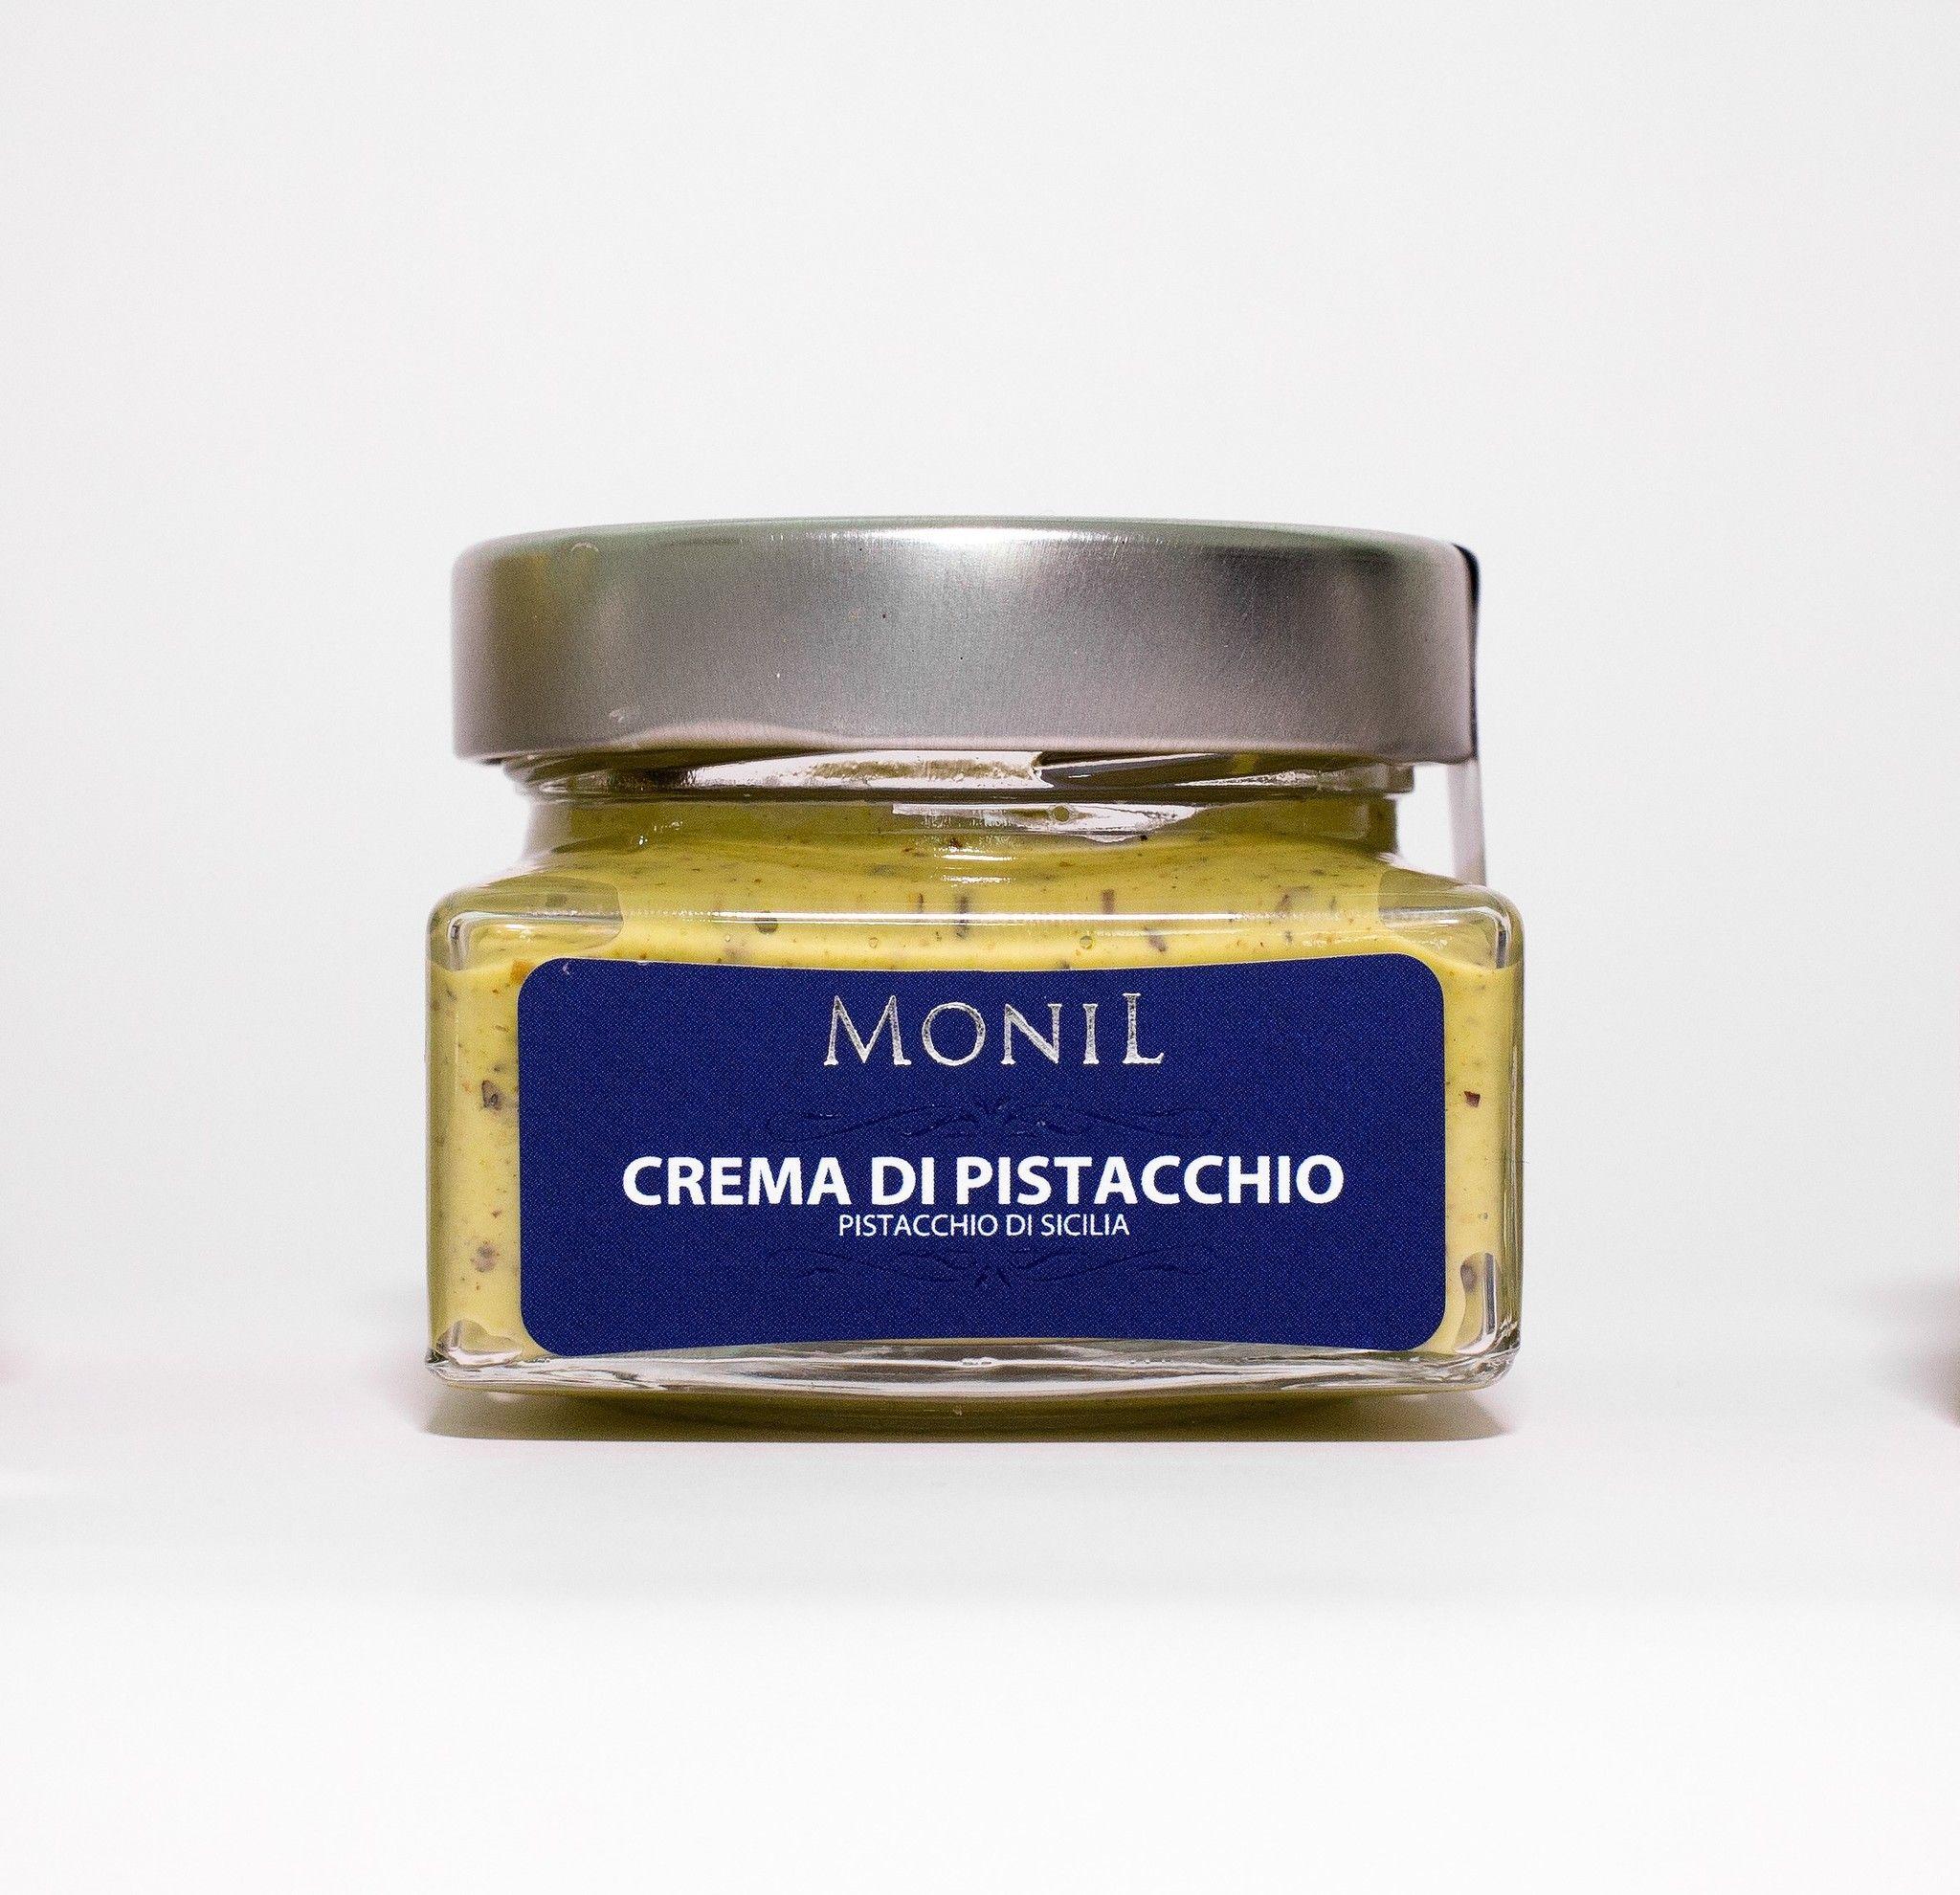 MONIL - CREMA DI PISTACCHIO GR. 120